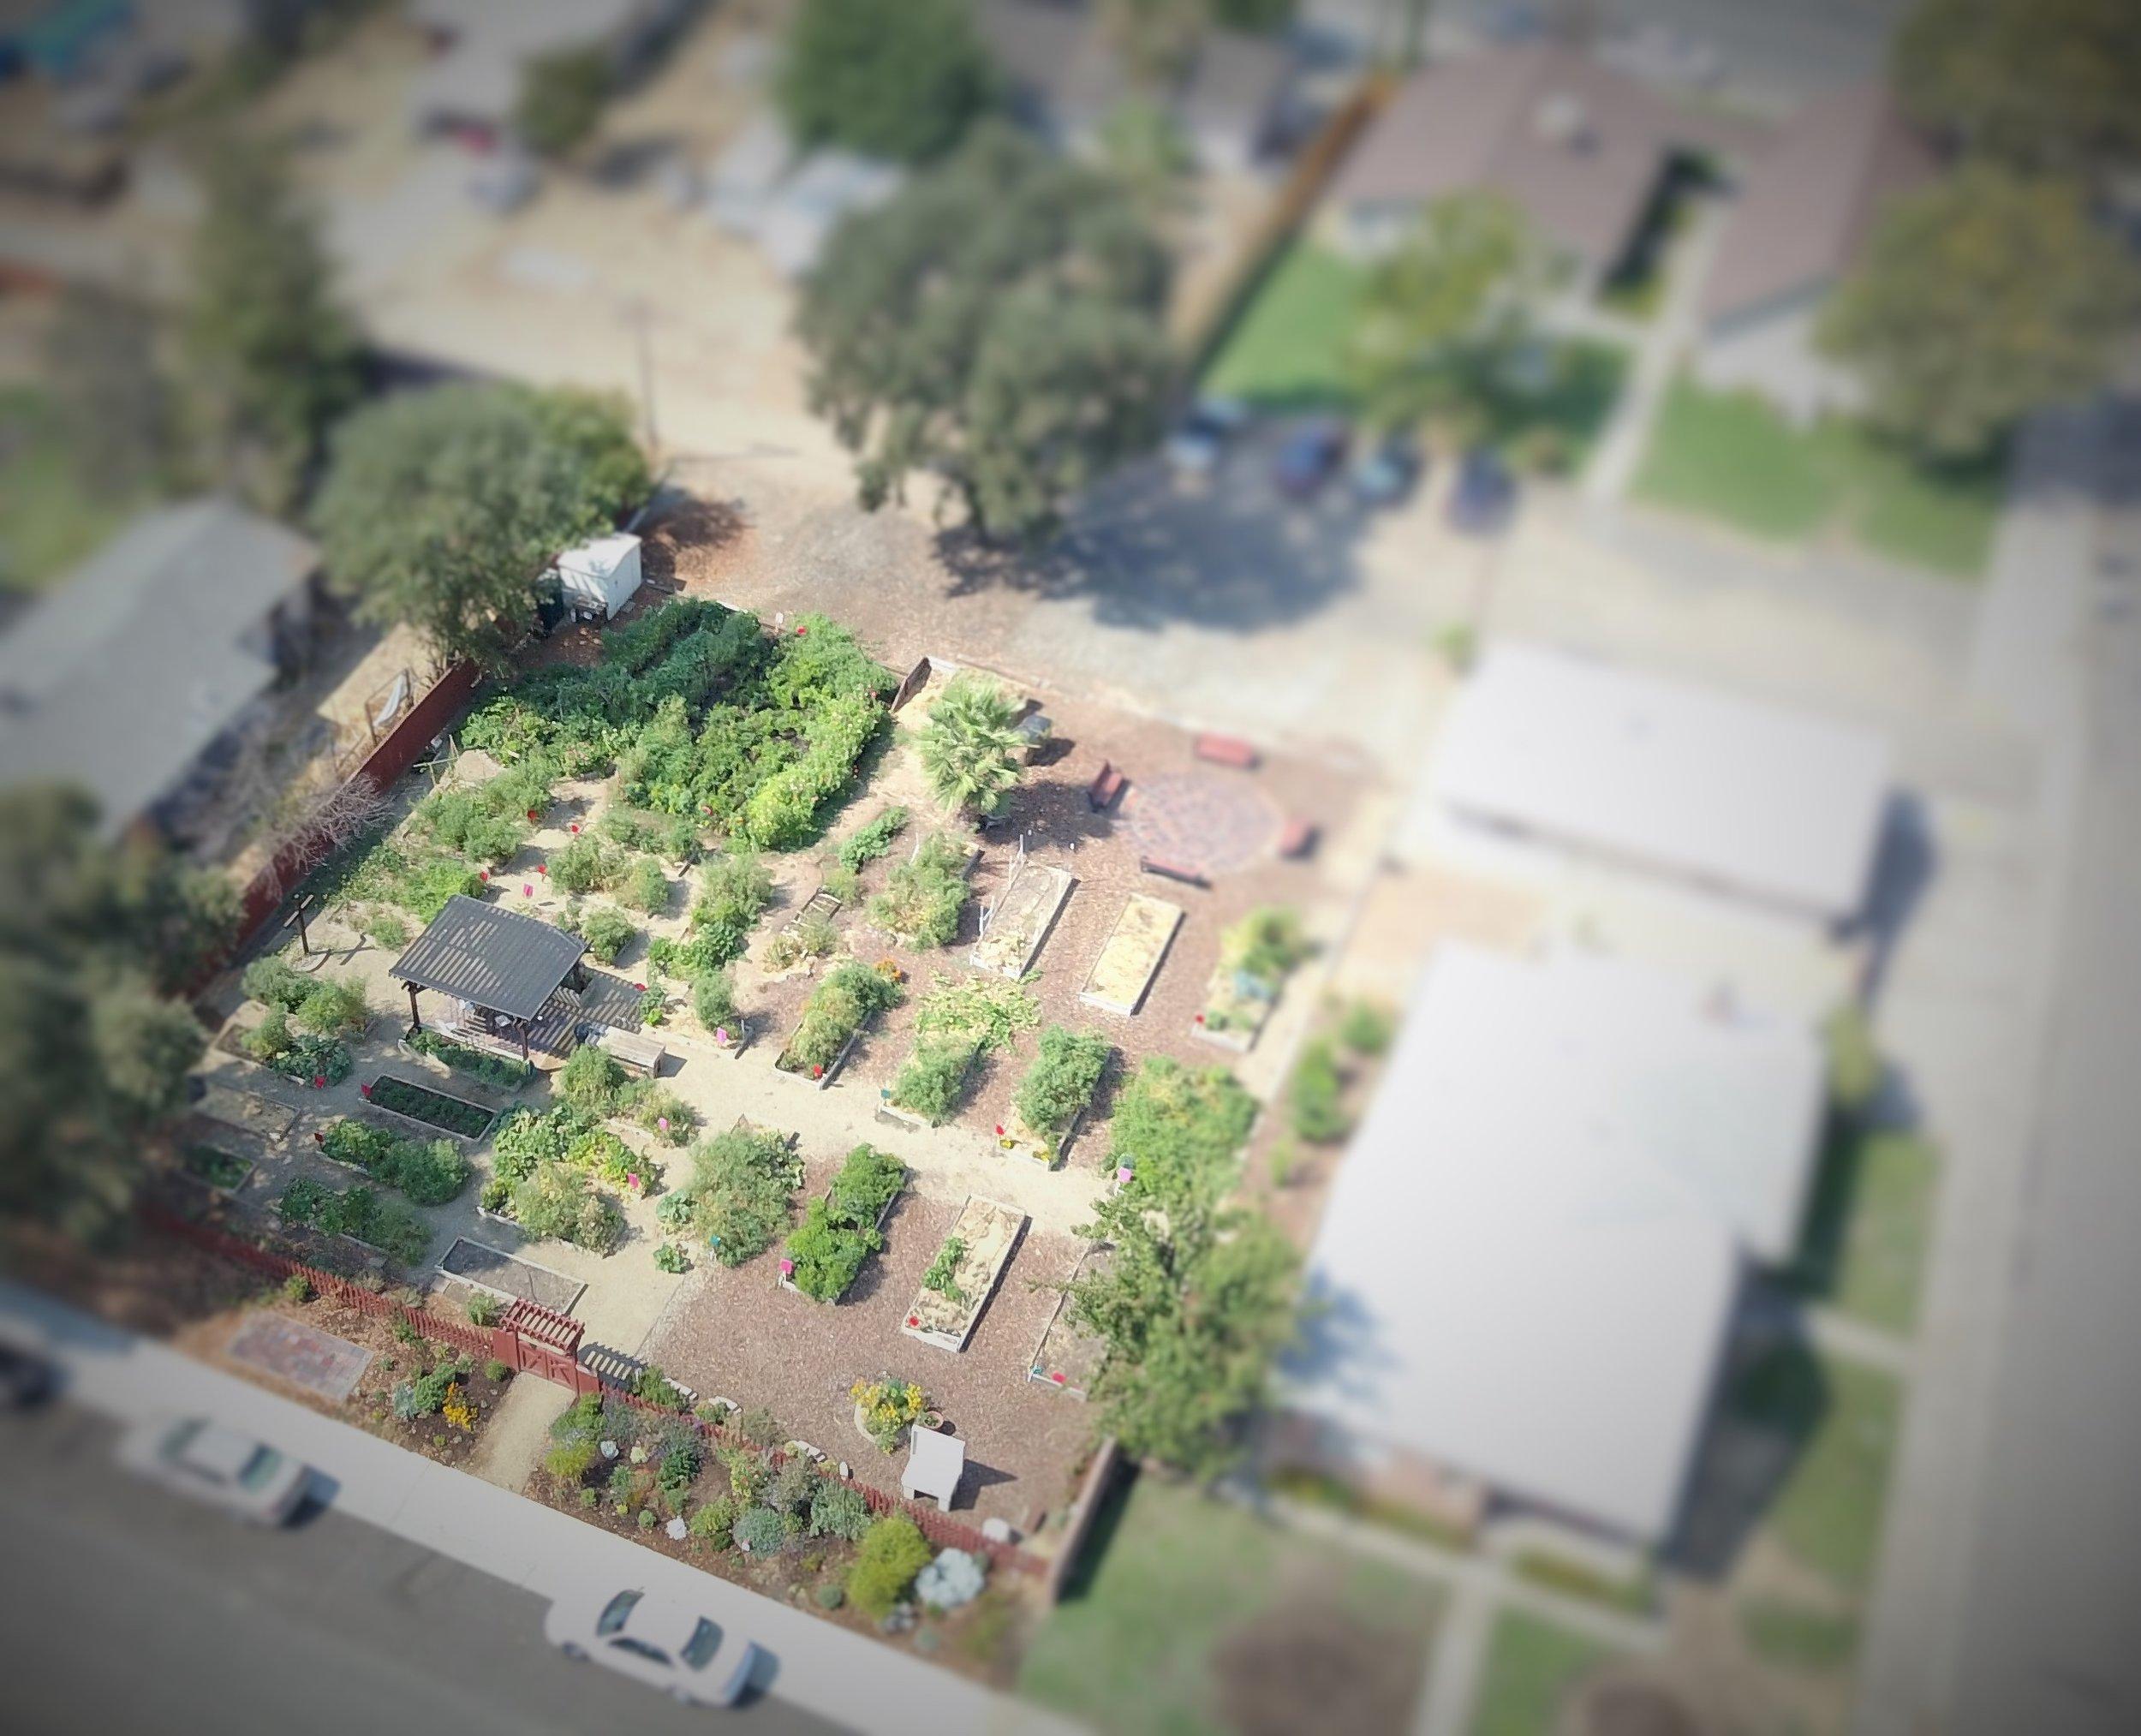 St. James Garden Aerial View.JPG